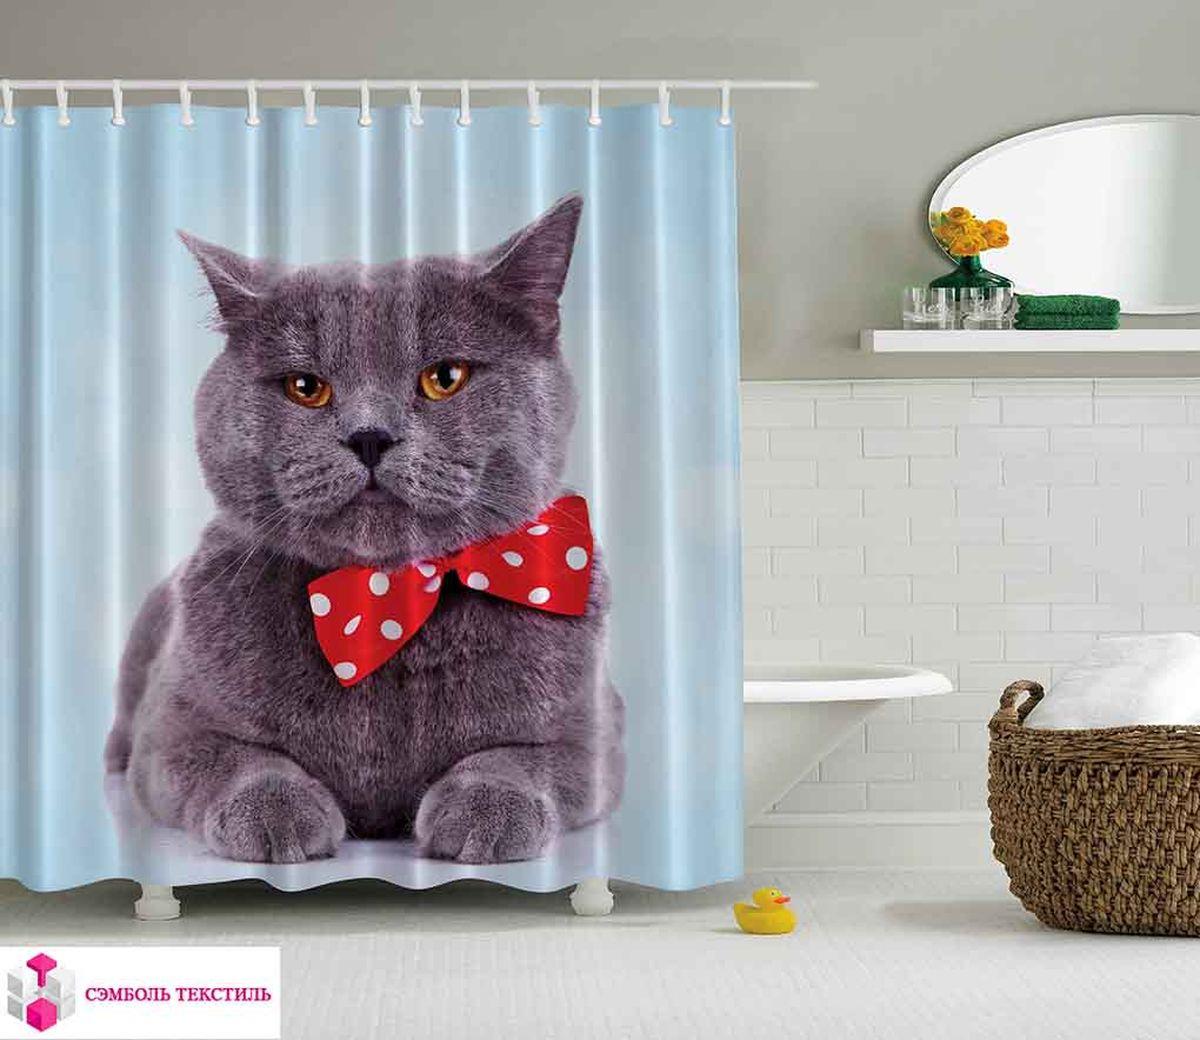 Штора для ванной комнаты Magic Lady Пушистый кот с бантиком, 180 х 200 смшв_15110Компания Сэмболь изготавливает шторы из высококачественного сатена (полиэстер 100%). При изготовлении используются специальные гипоаллергенные чернила для прямой печати по ткани, безопасные для человека и животных. Экологичность продукции Magic lady и безопасность для окружающей среды подтверждены сертификатом Oeko-Tex Standard 100. Крепление: крючки (12 шт.). Внимание! При нанесении сублимационной печати на ткань технологическим методом при температуре 240 С, возможно отклонение полученных размеров, указанных на этикетке и сайте, от стандартных на + - 3-5 см. Мы стараемся максимально точно передать цвета изделия на наших фотографиях, однако искажения неизбежны и фактический цвет изделия может отличаться от воспринимаемого по фото. Обратите внимание! Шторы изготовлены из полиэстра сатенового переплетения, а не из сатина (хлопок). Размер шторы 180*200 см. В комплекте 1 штора и 12 крючков.